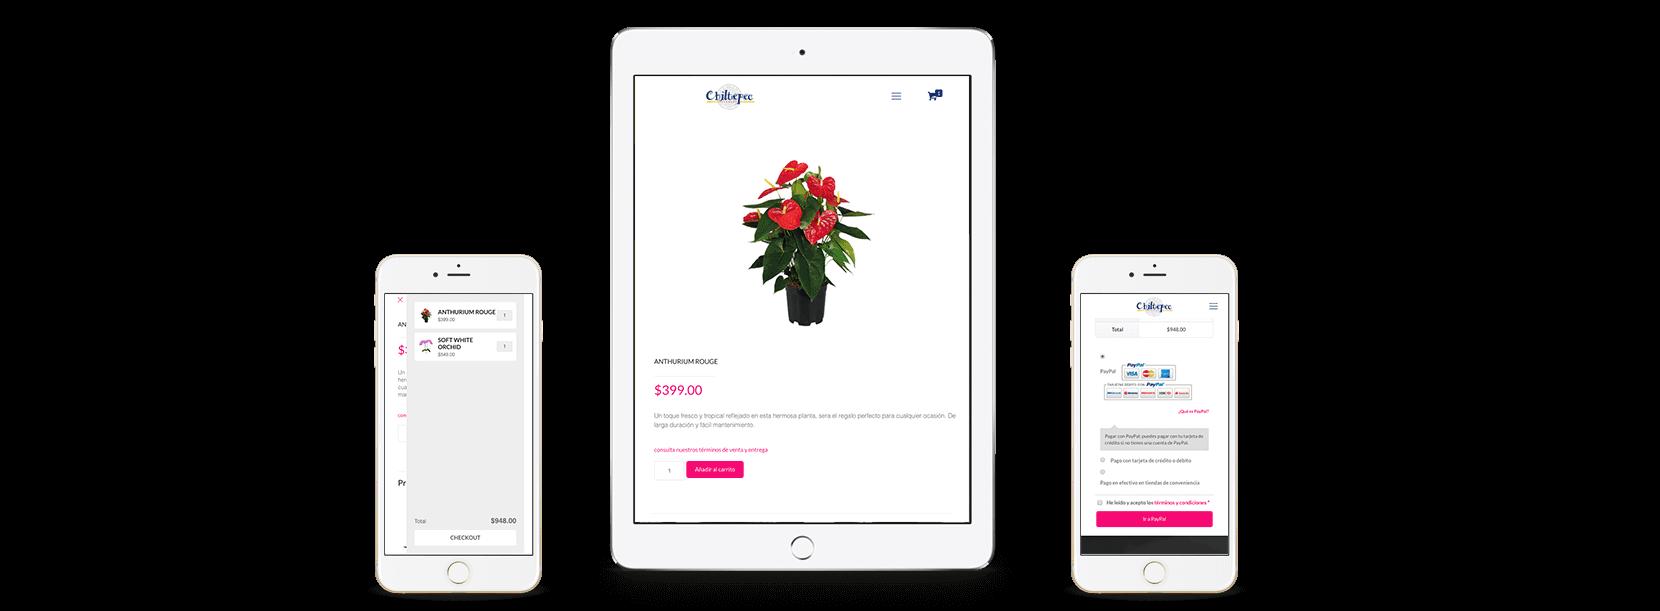 mockup flores de chiltepec